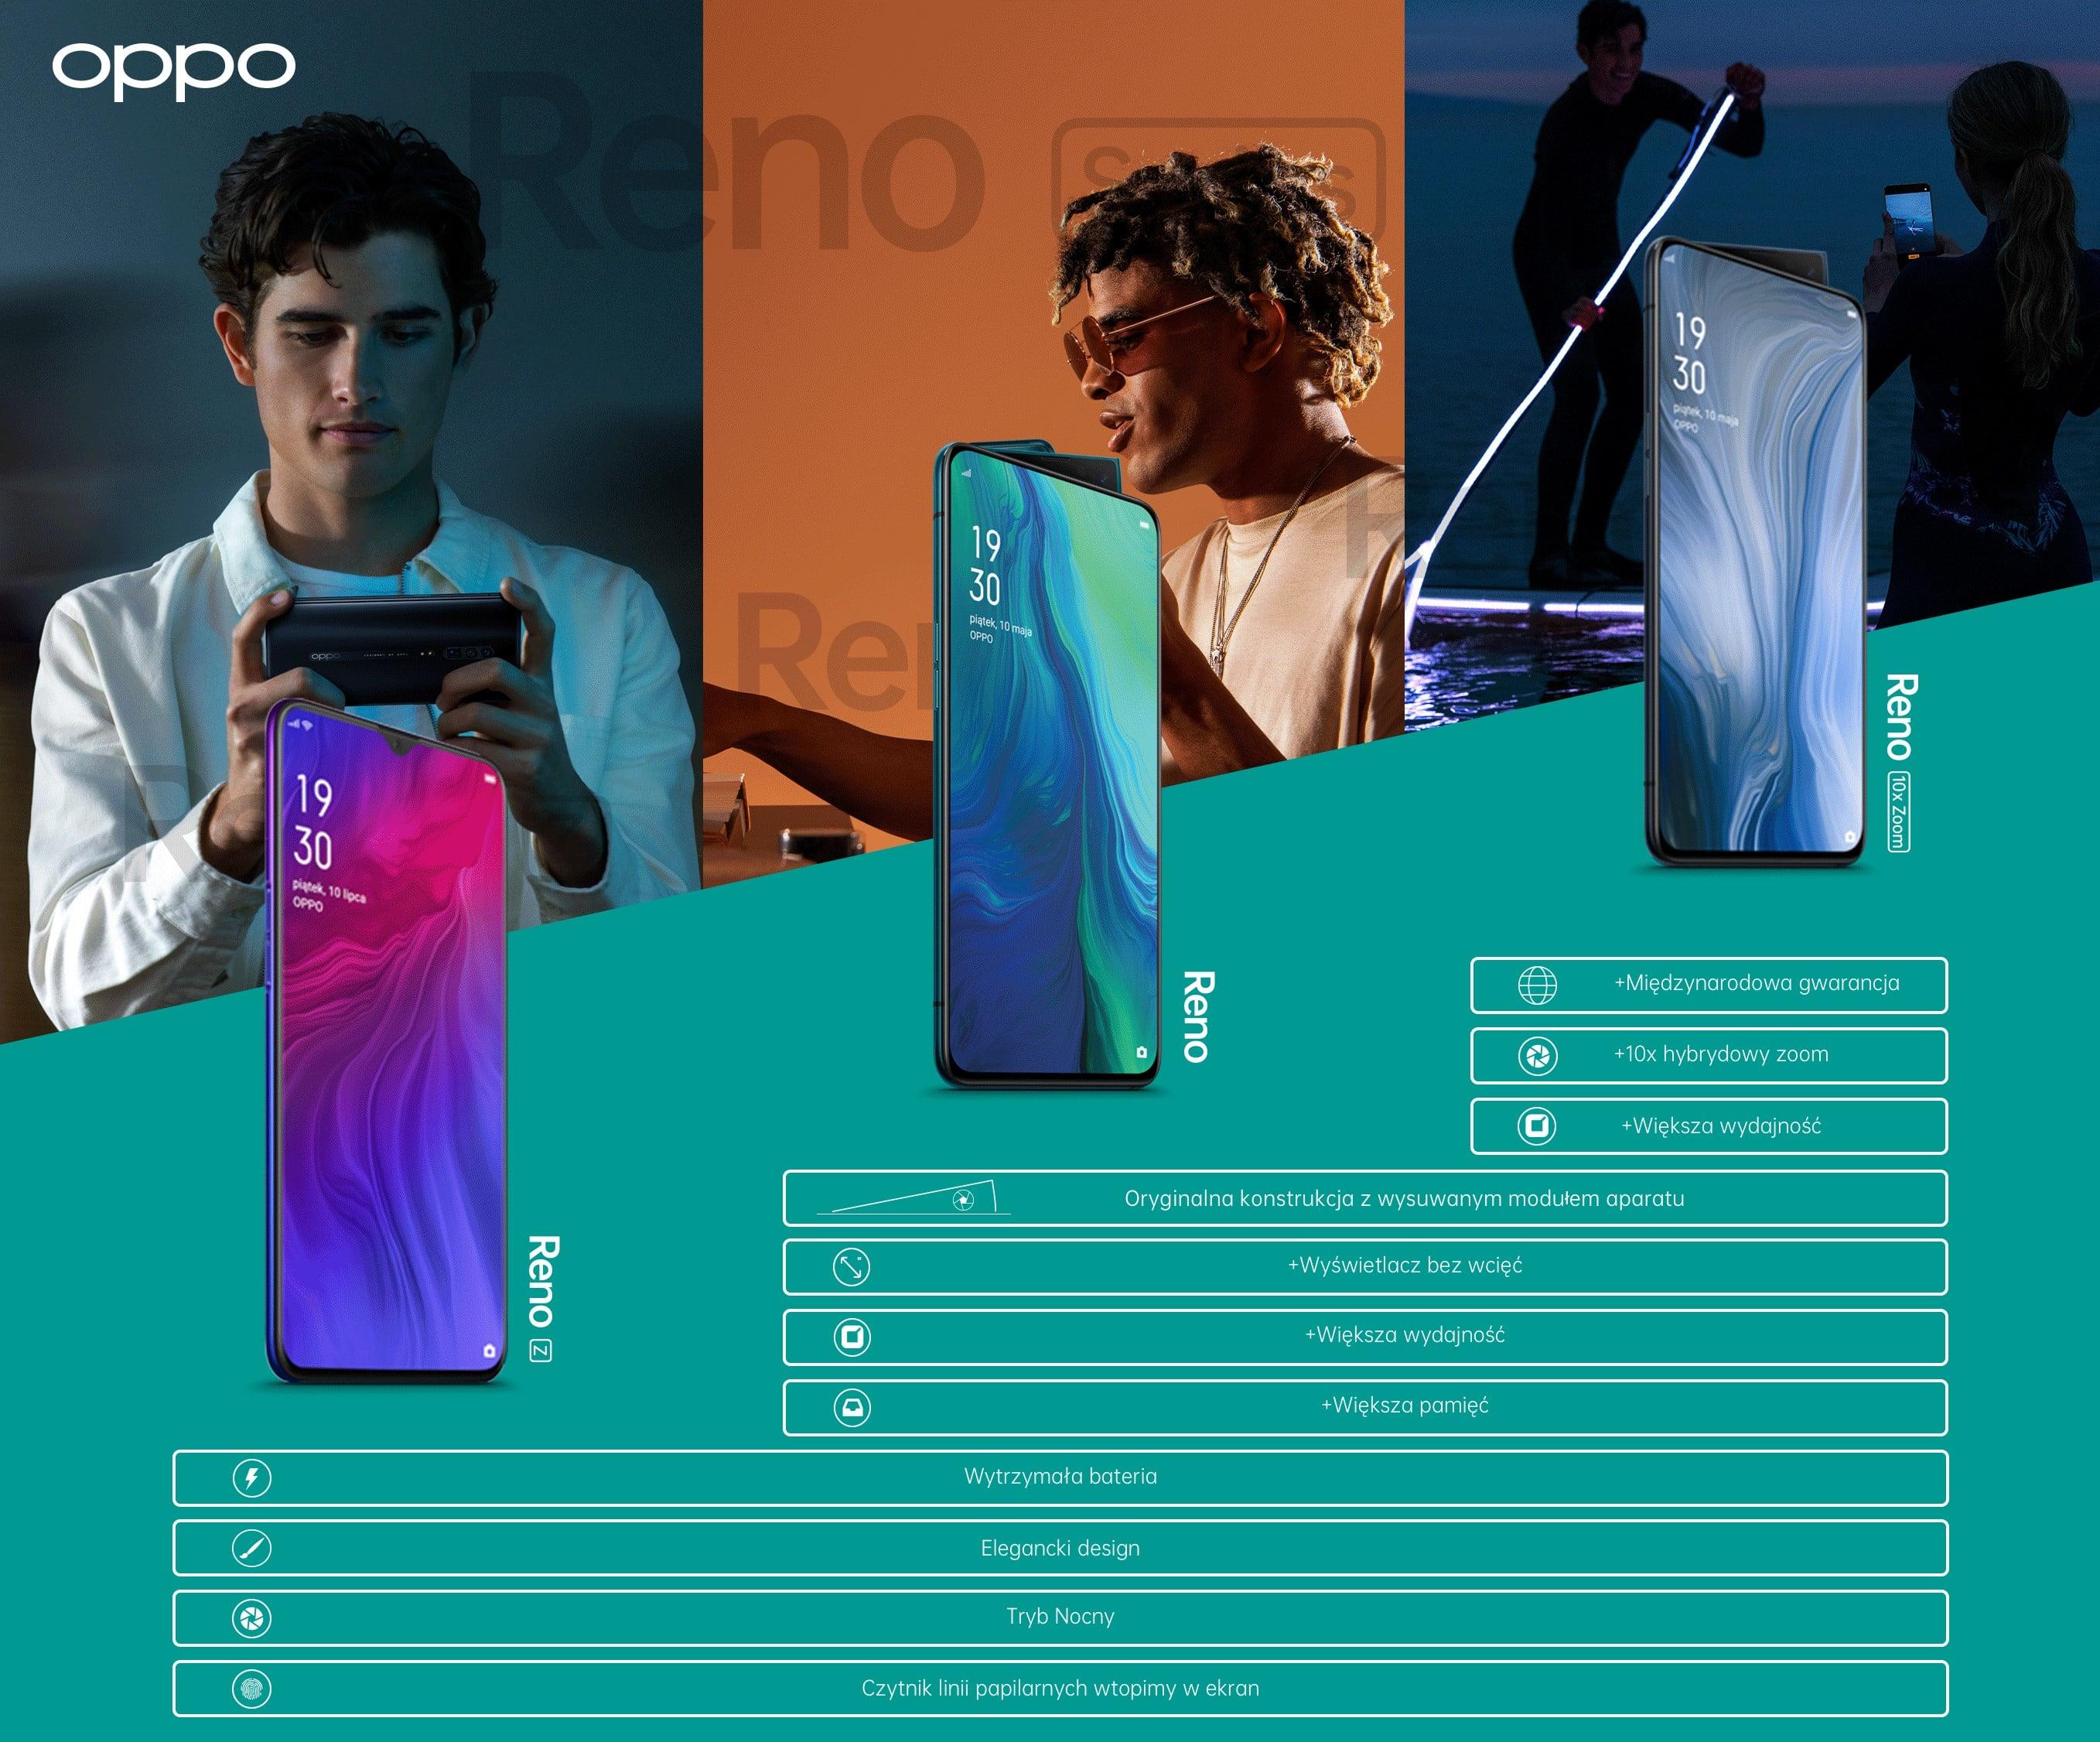 Smartfon Oppo Reno Z już na polskim rynku. Zaczynamy go testować